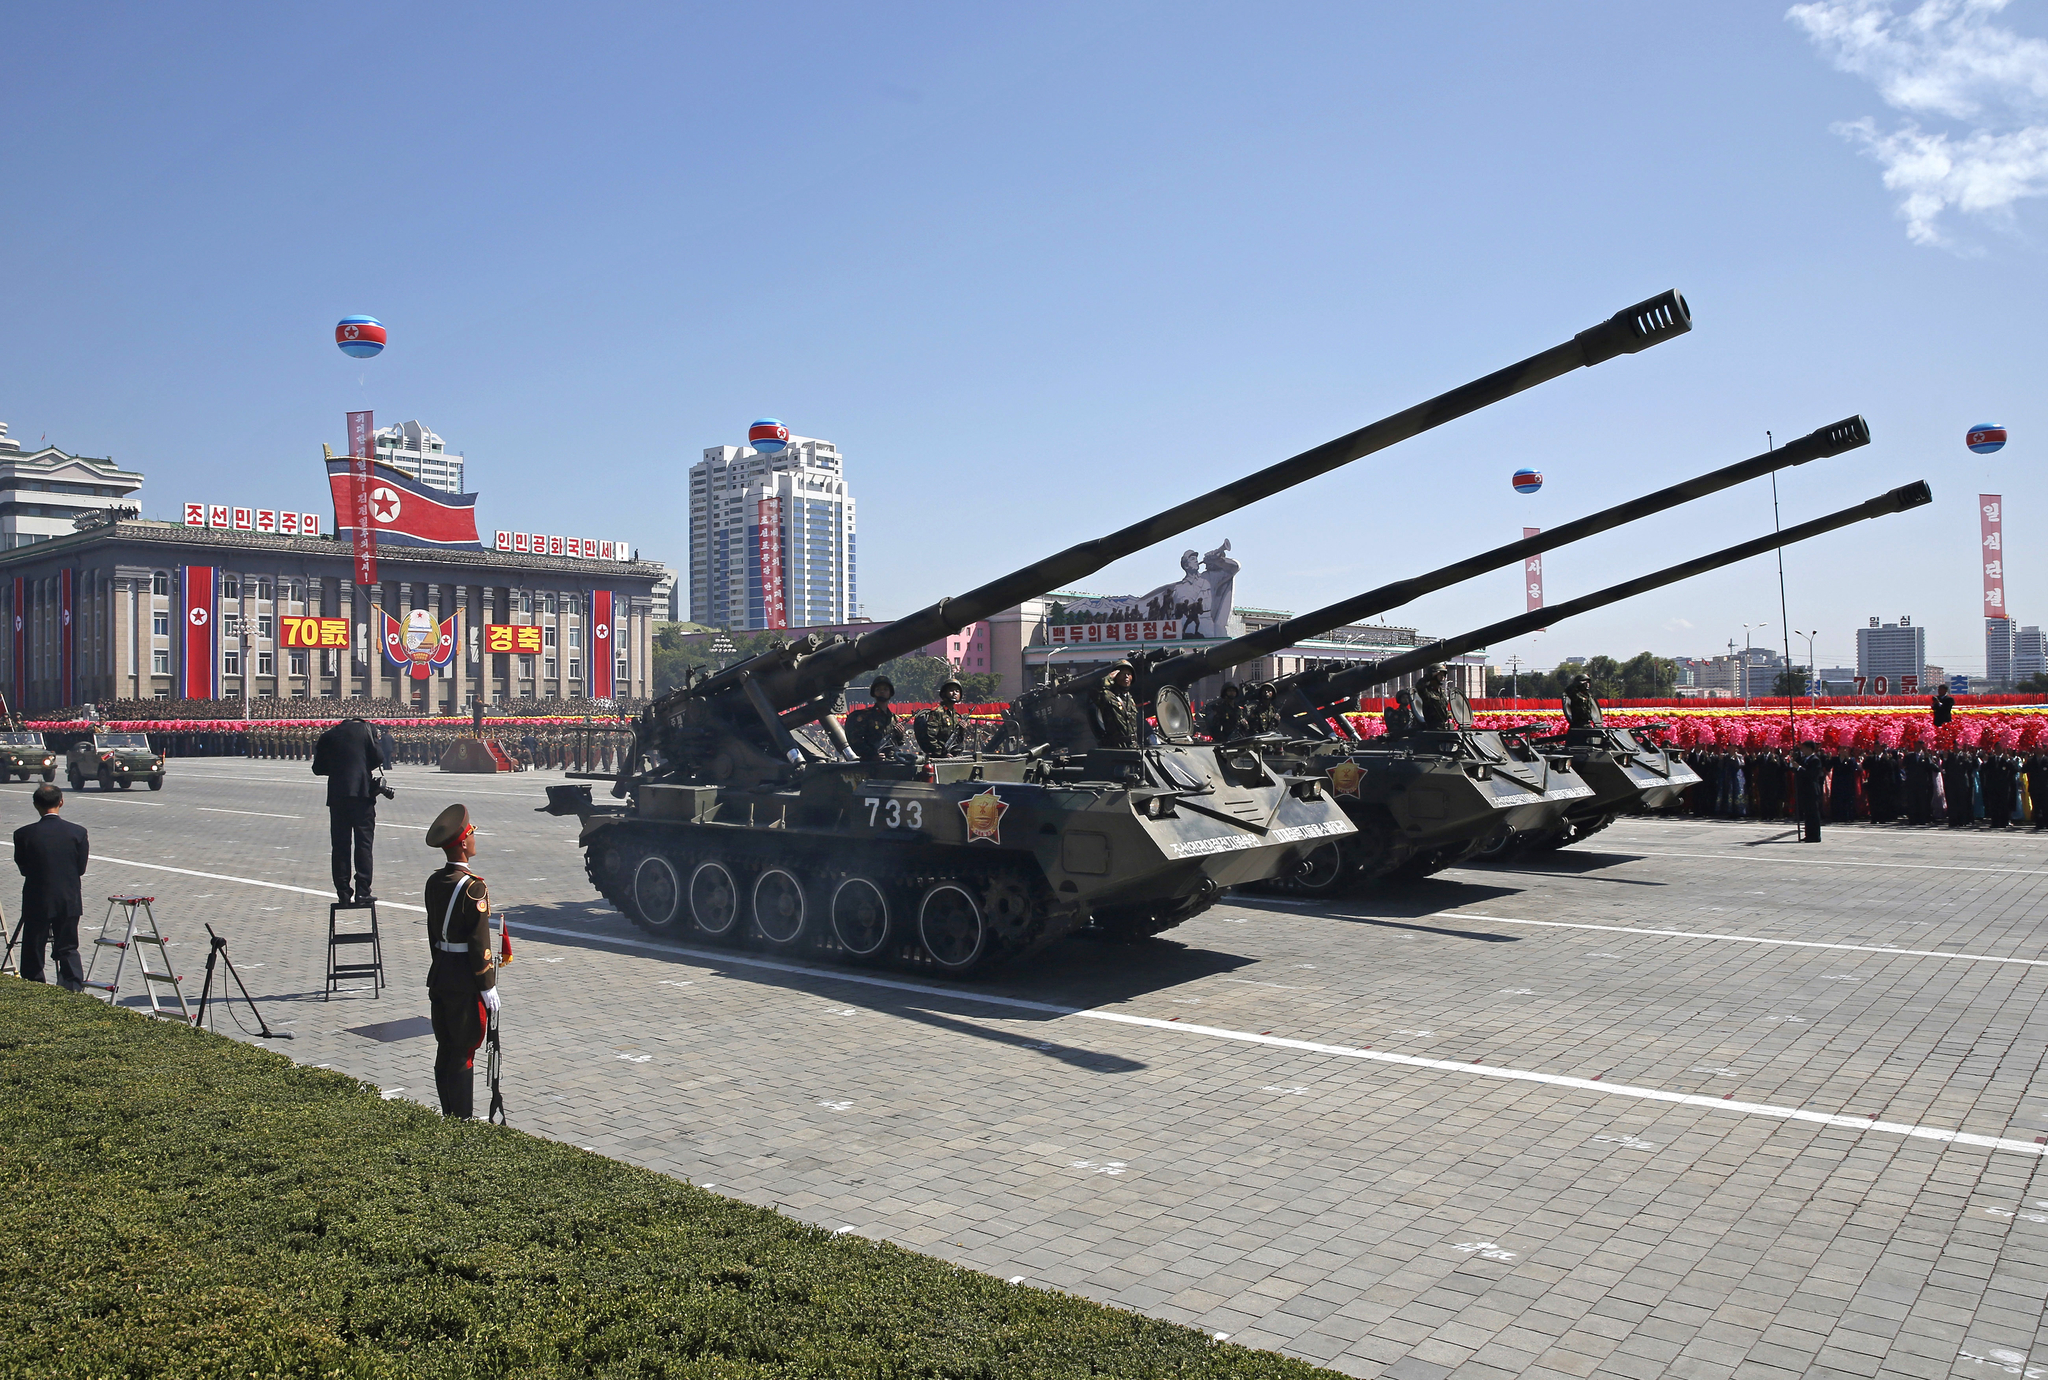 북한 정권수립 70주년 기념 열병식이 열린 9일 북한 평양 김일성 광장에서 사열대 앞을 지나가는 탱크부대. [AP=연합뉴스]